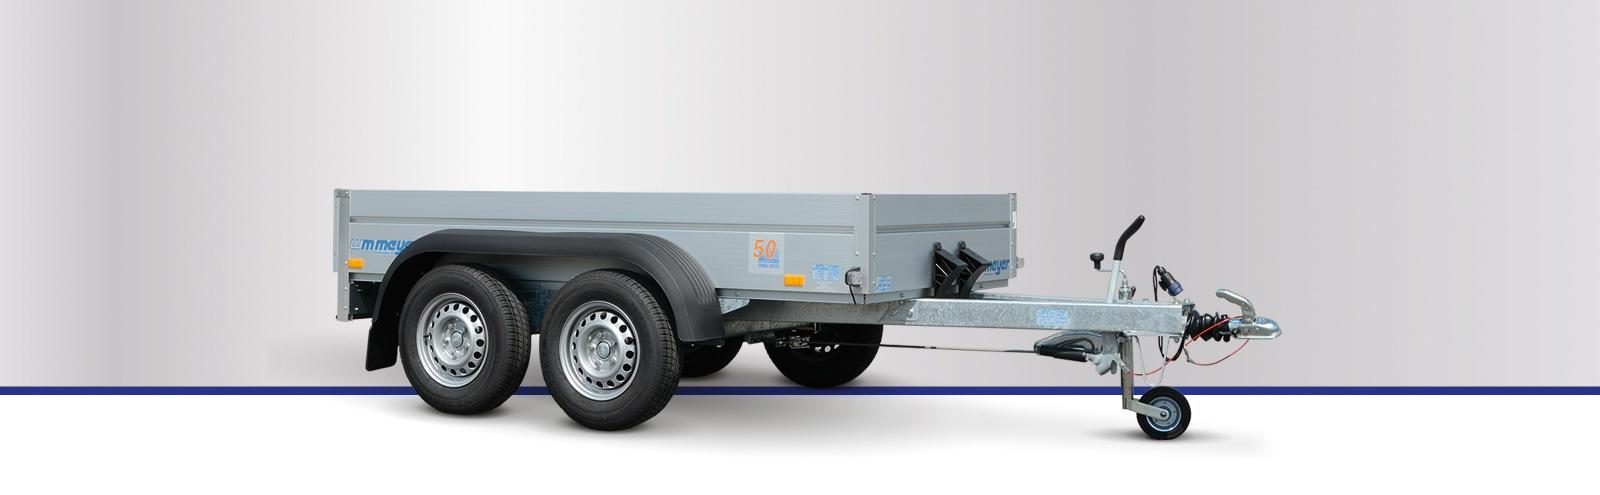 BT - Gebremst (2.000 kg, 2.500 kg, 2.700 kg, 3.000 kg, 3.500 kg)